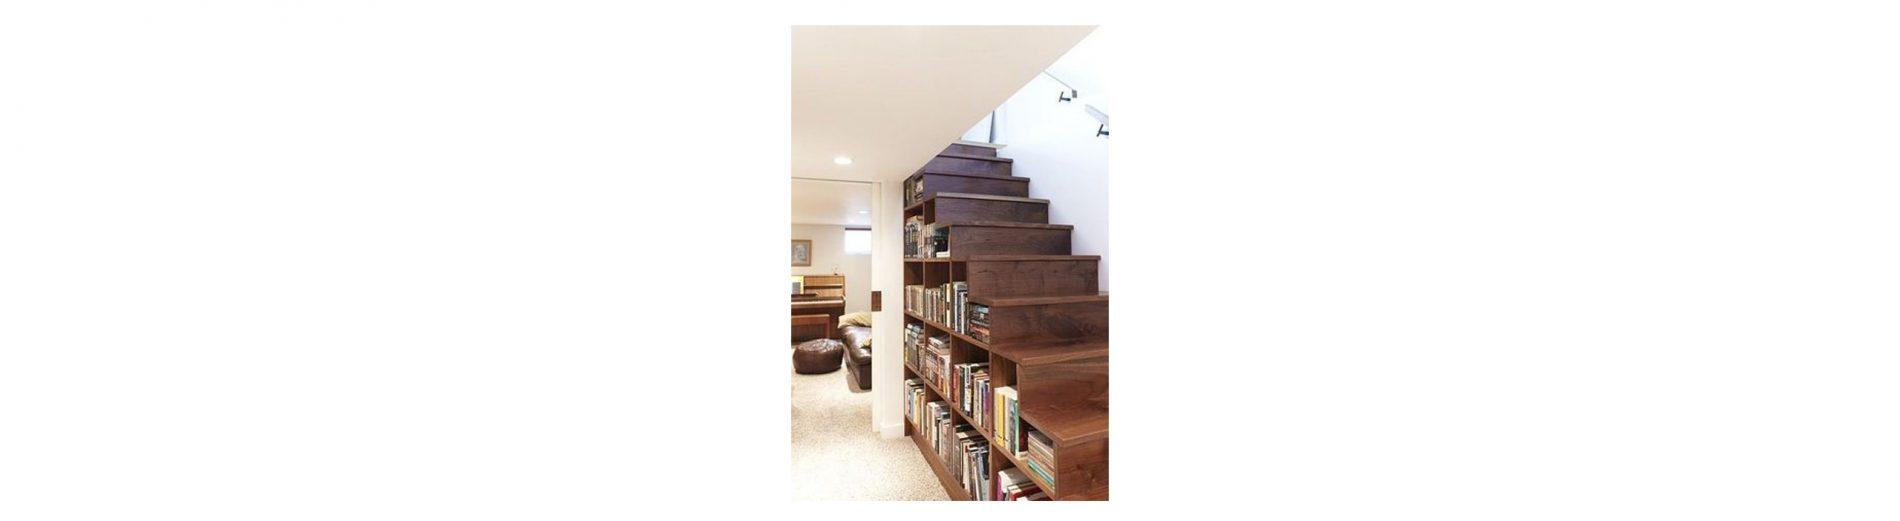 10 Attractive Bookcase Designs You Will Love